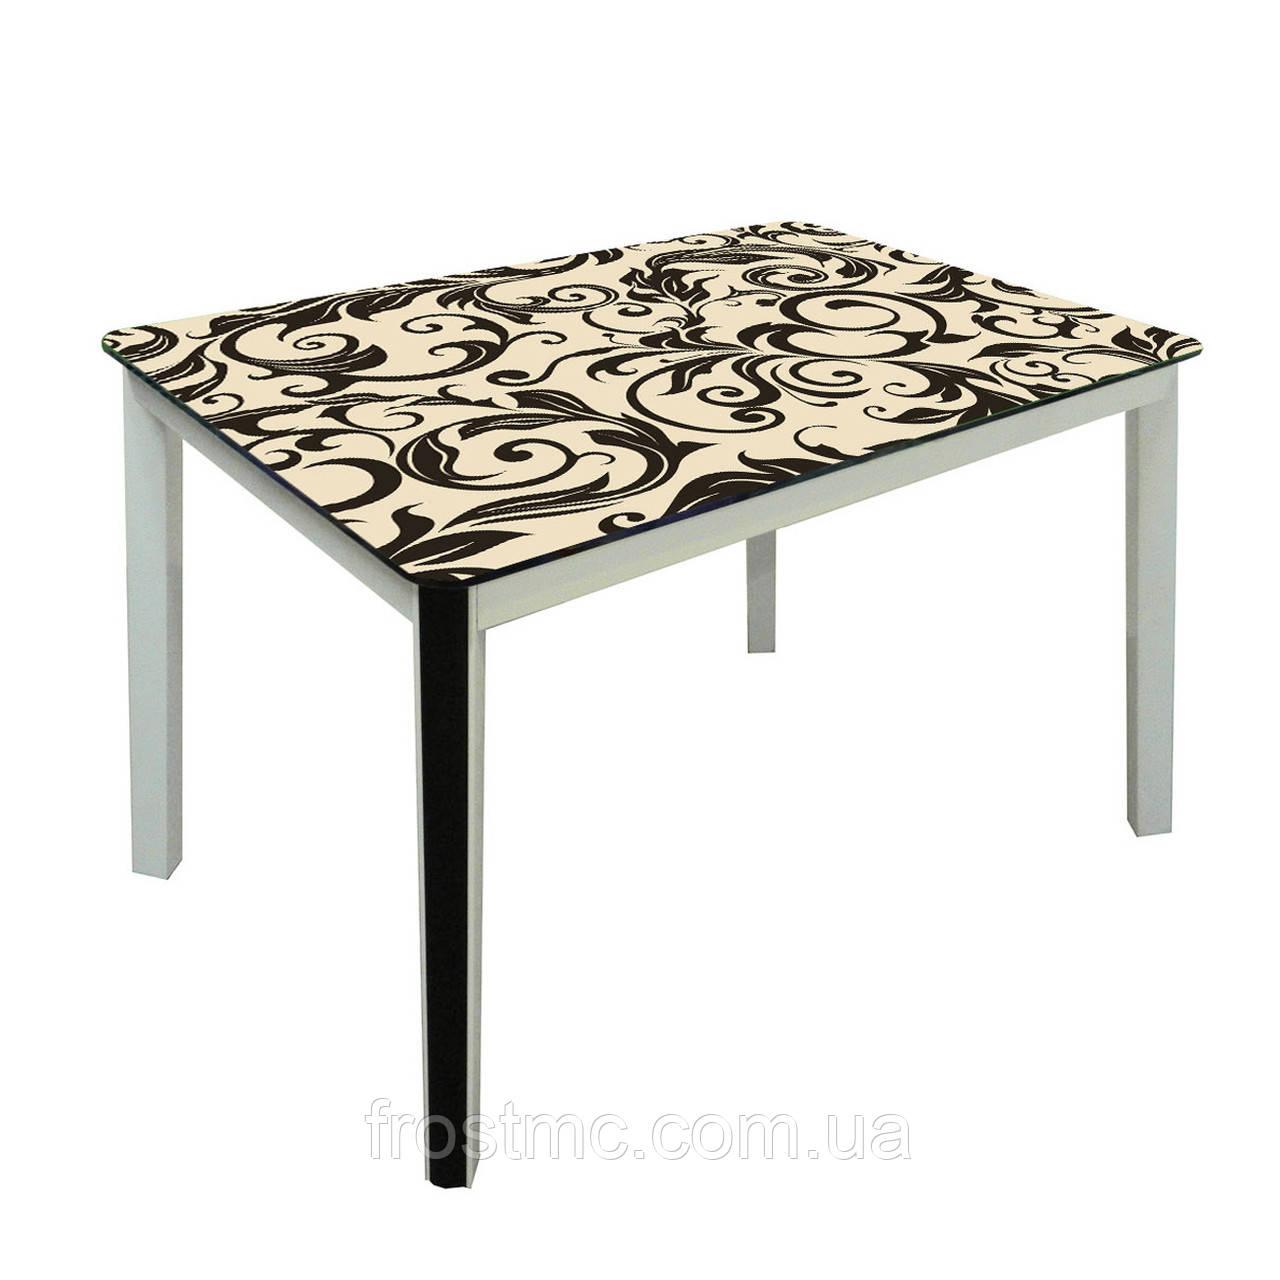 Кухонний стіл ДКС-Престиж Антонік 1050х650х750 мм Білий Фарбування